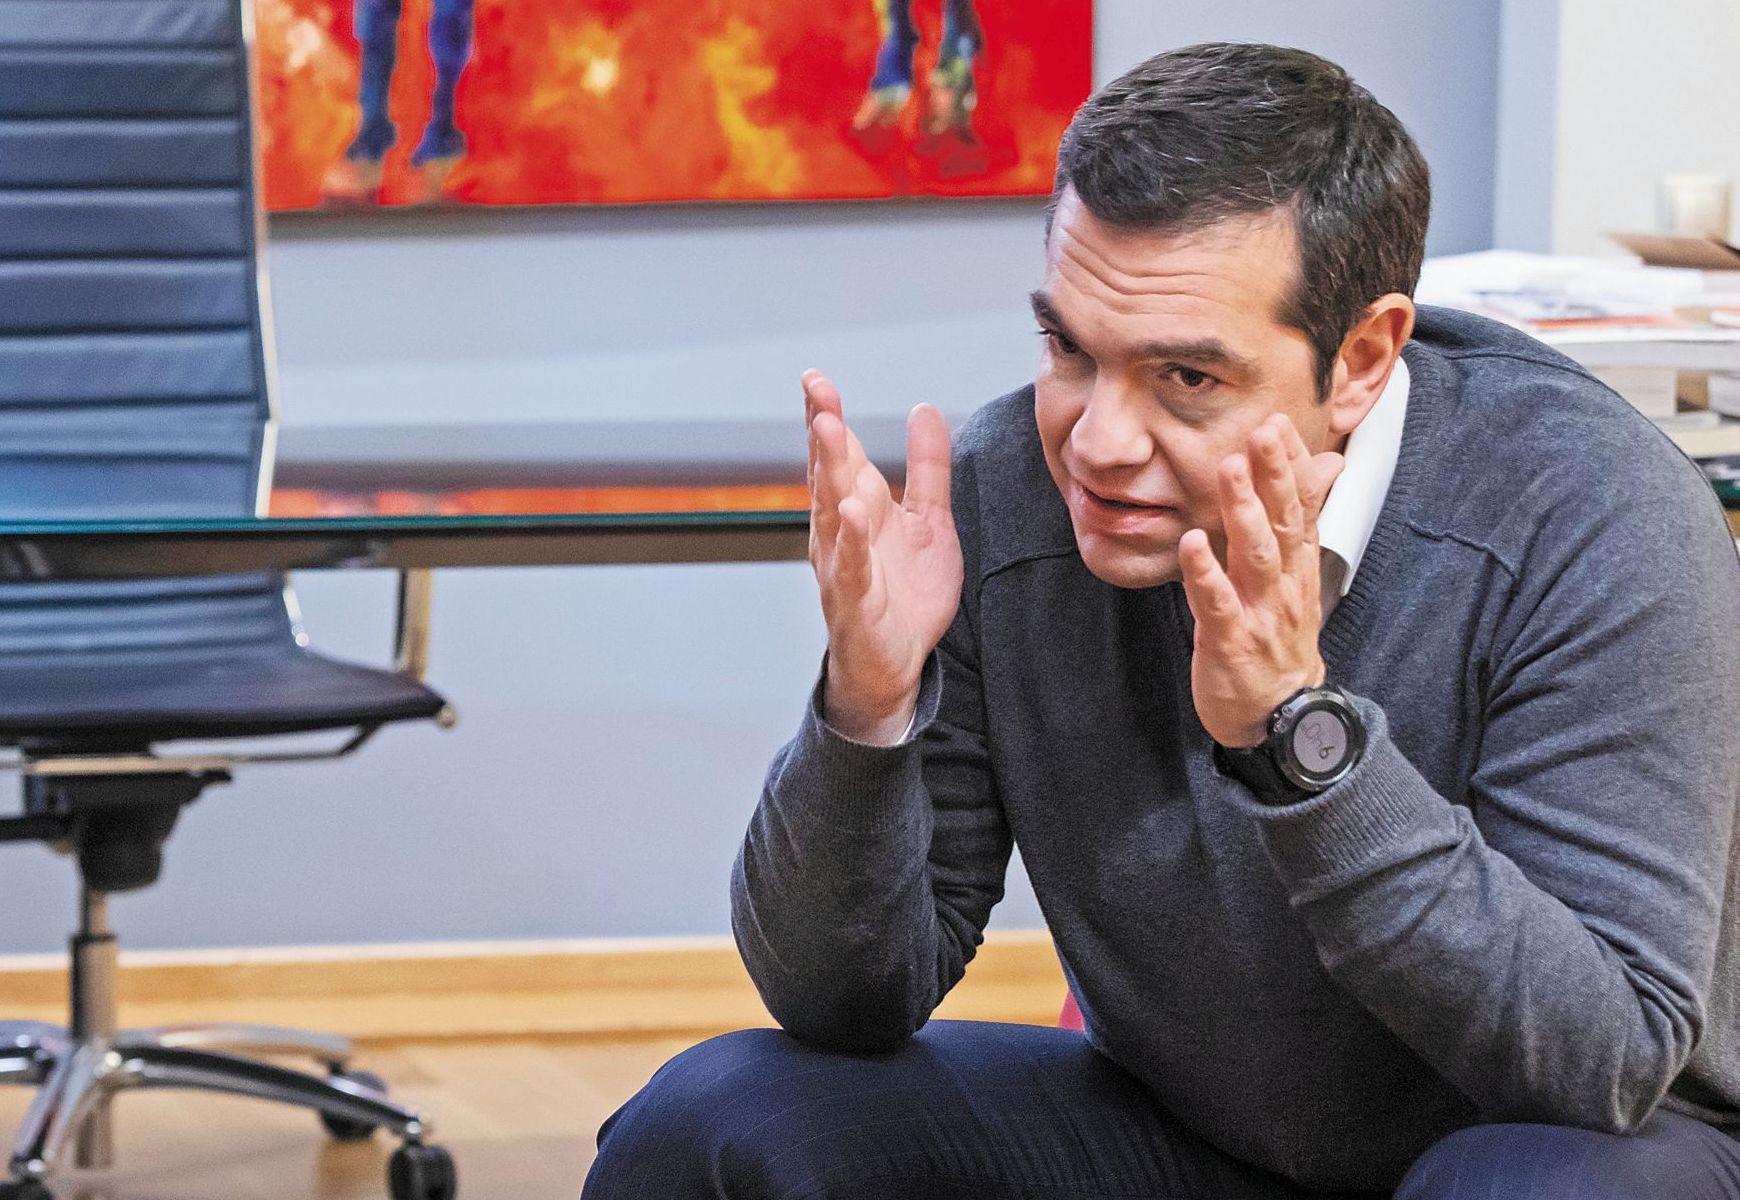 Αποκλειστική συνέντευξη: Ο Αλέξης Τσίπρας μιλάει για όλα - Ειδήσεις - νέα -  Το Βήμα Online